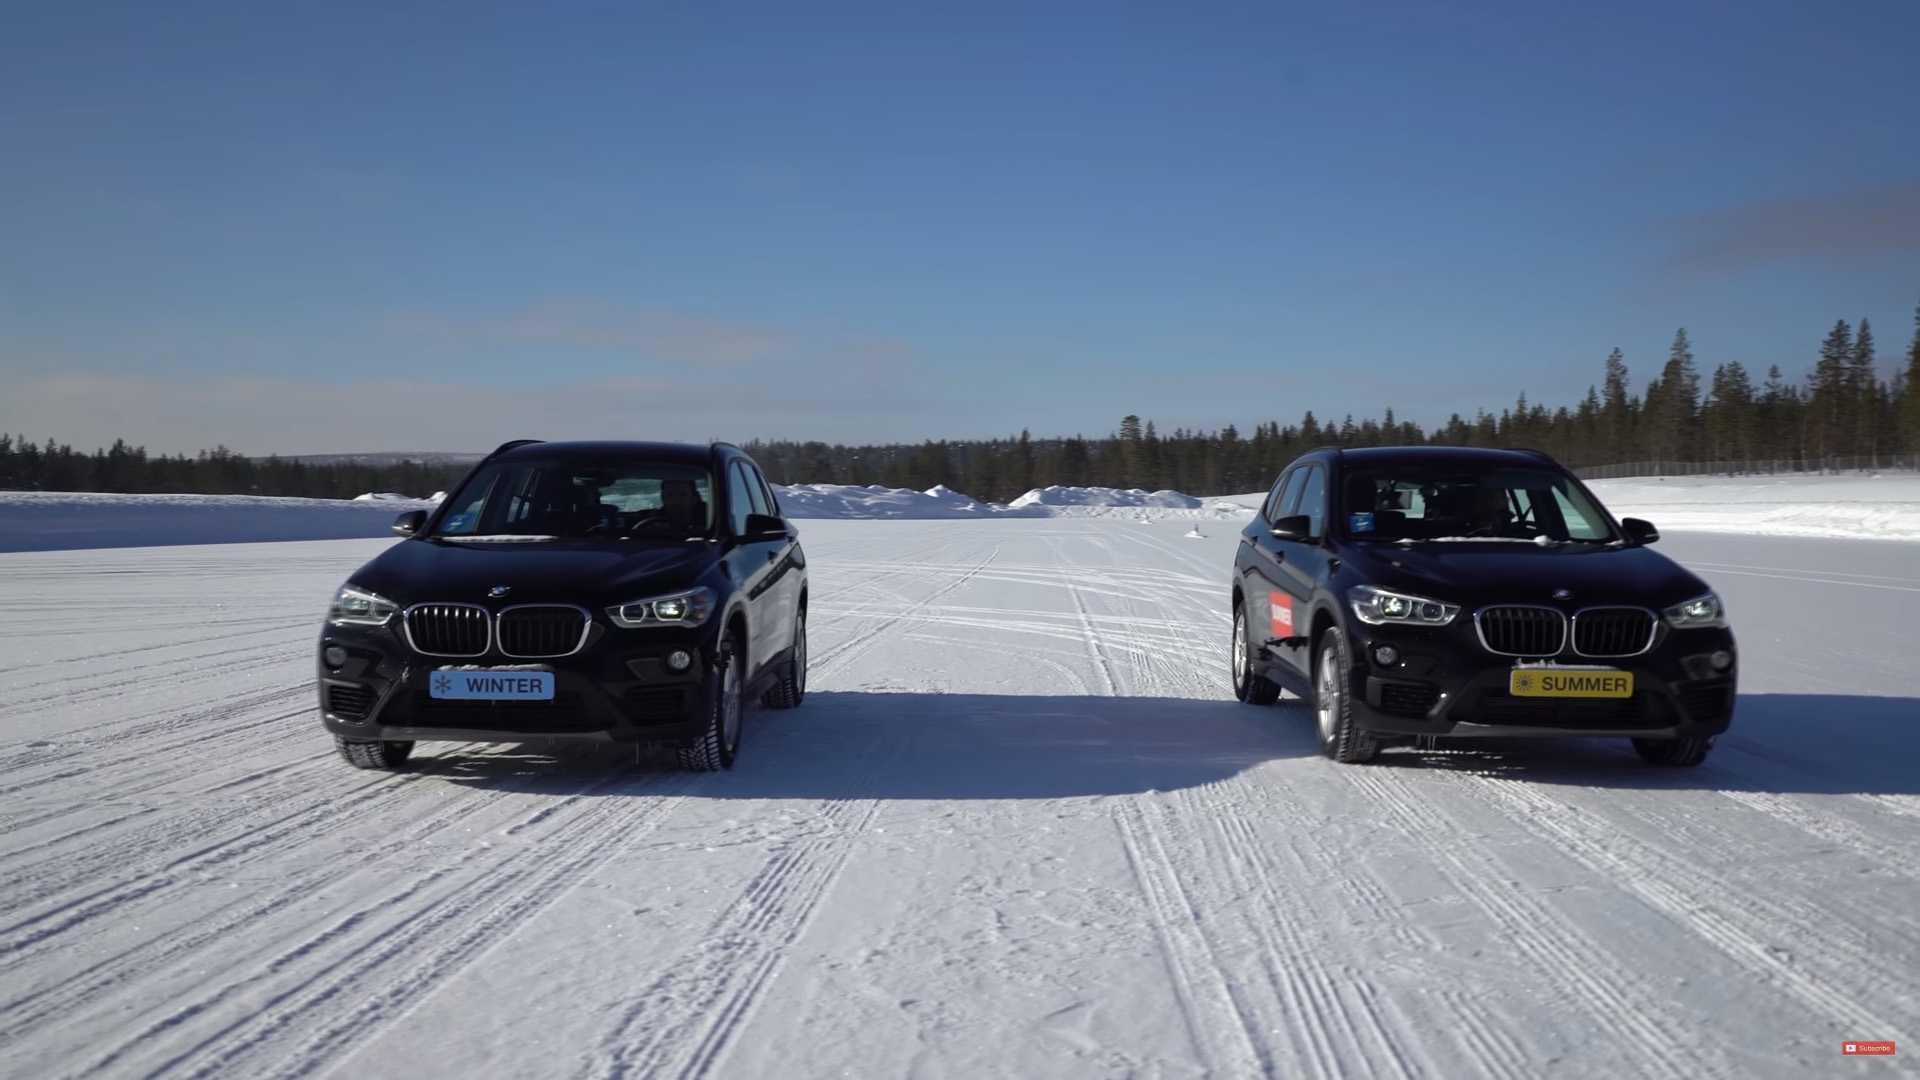 VIDEO: letné pneumatiky a 4x4 vs. zimné a pohon prednej nápravy